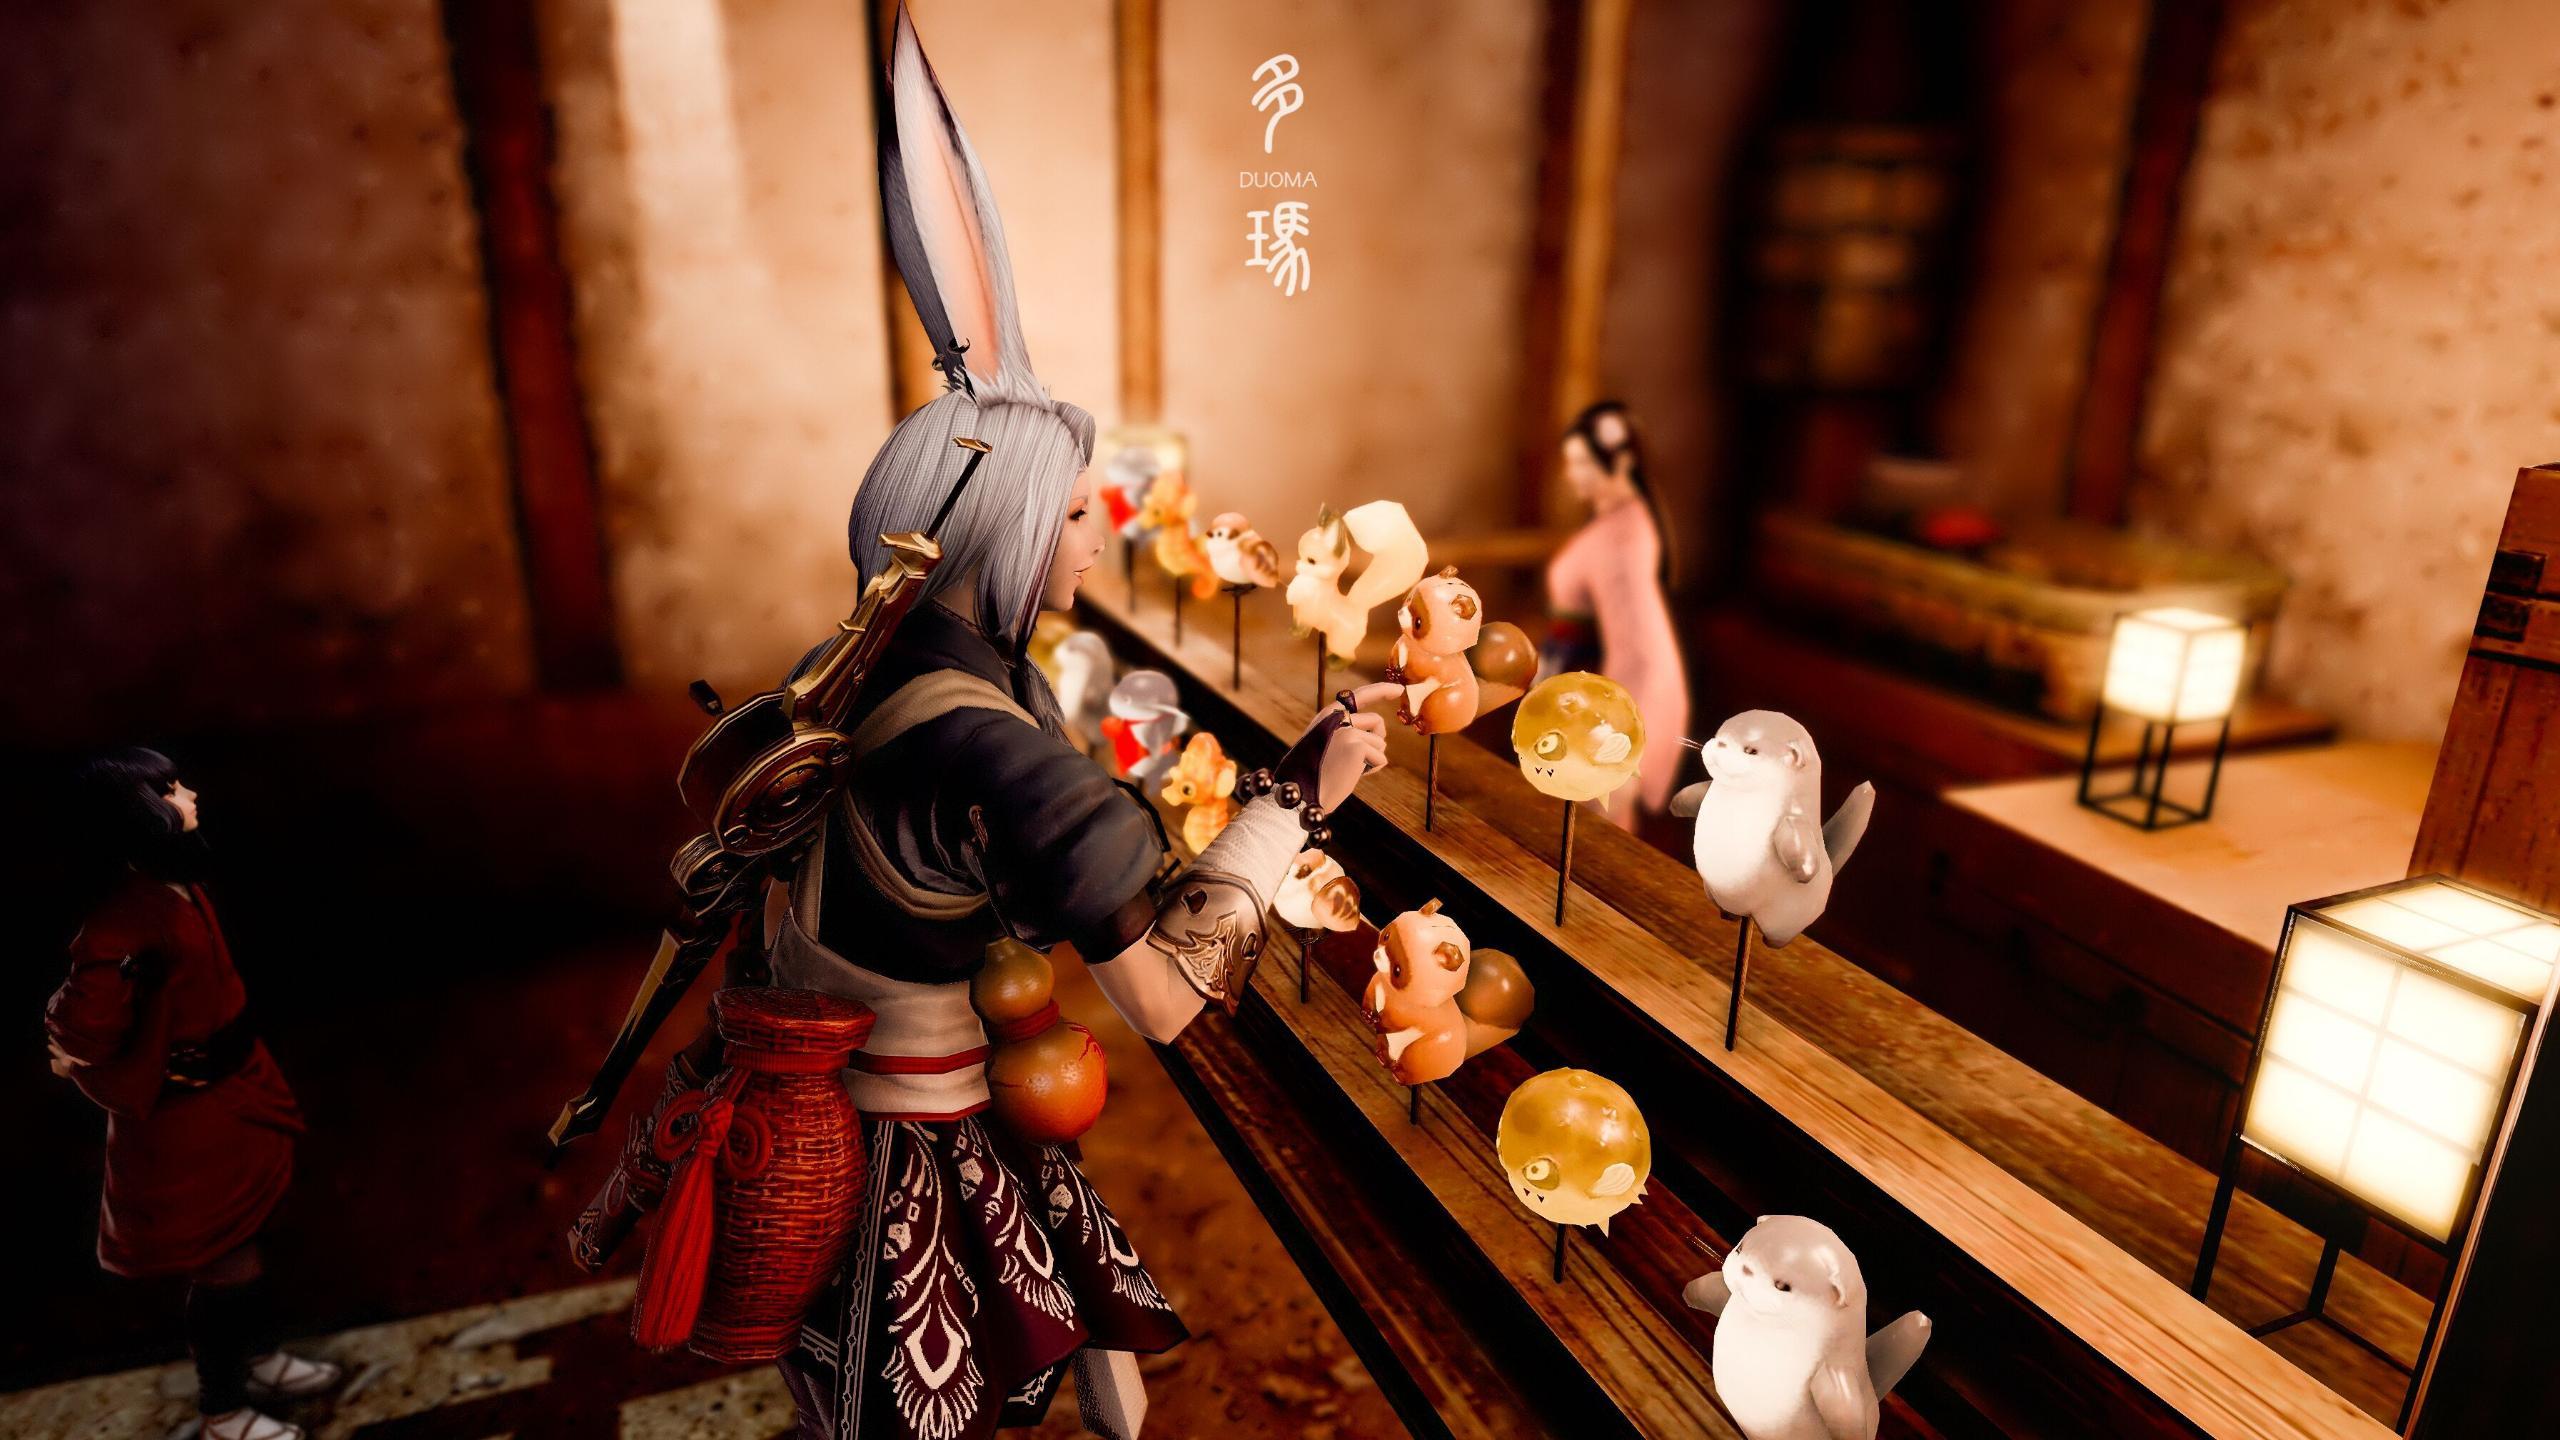 《最终幻想14:暗影之逆焰》评测9.2分:MMORPG的新辉煌